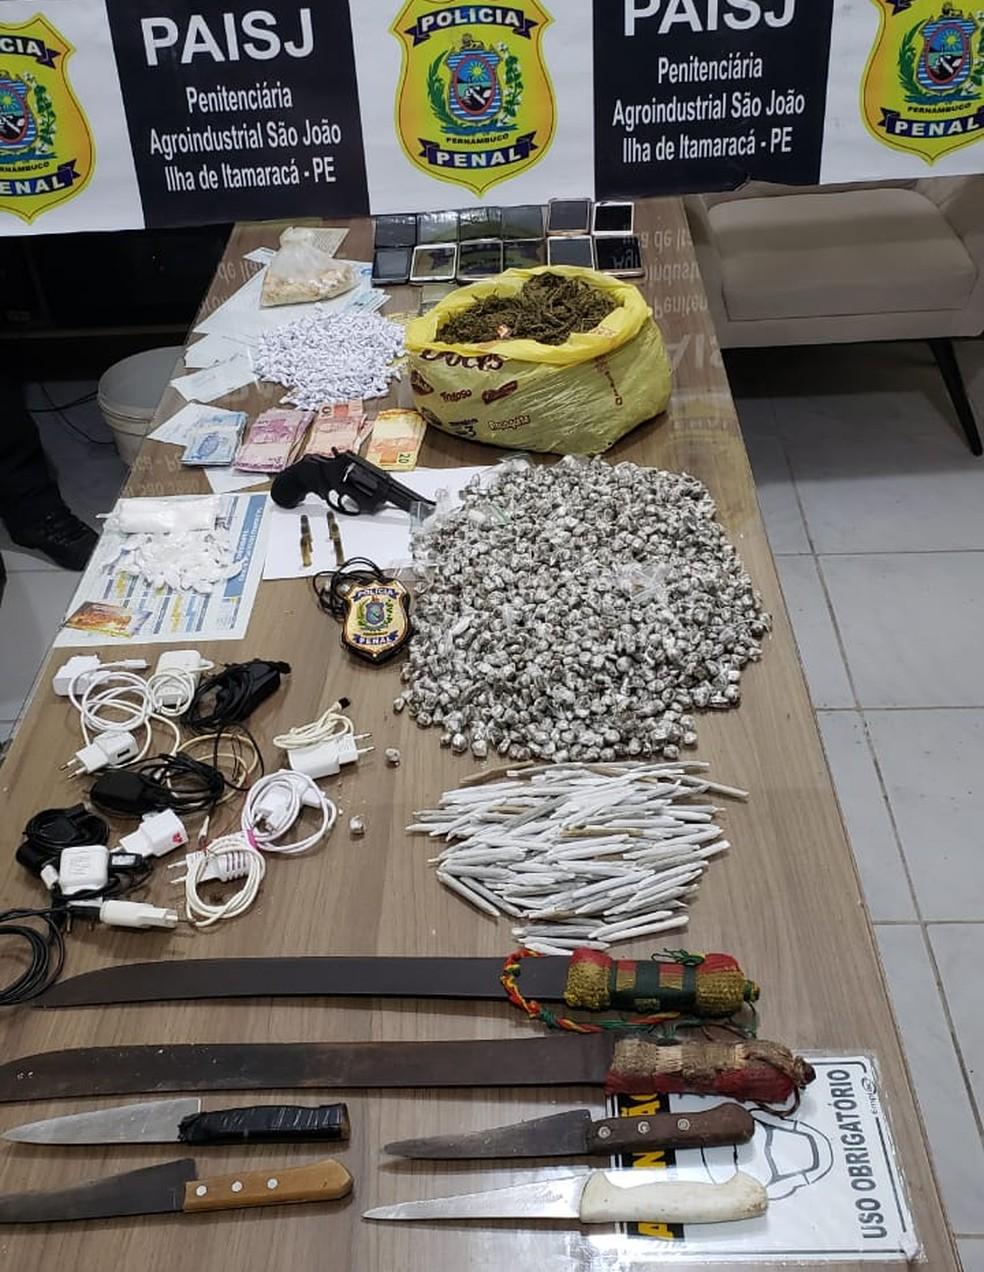 Revólver calibre 38, munições, drogas e facões foram apreendidos em penitenciária, em Itamaracá, no Grande Recife — Foto: Seres/Divulgação